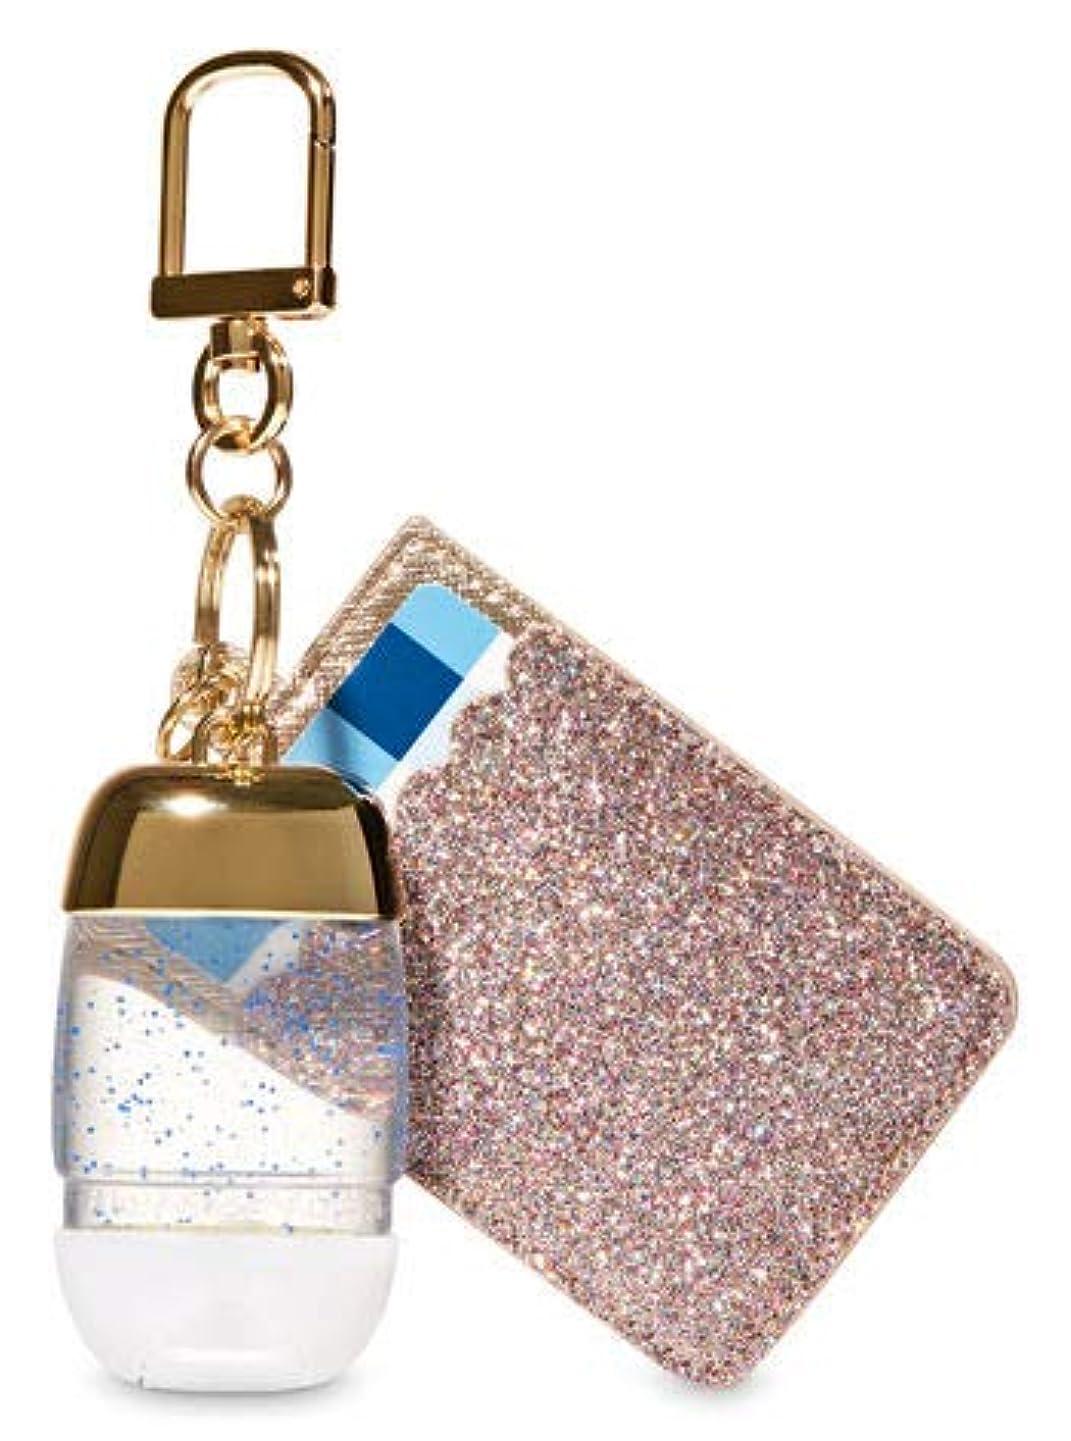 高尚な緊急ランドマーク【Bath&Body Works/バス&ボディワークス】 抗菌ハンドジェルホルダー カードケース グリッターゴールド Credit Card & PocketBac Holder Glitterly Gold [並行輸入品]